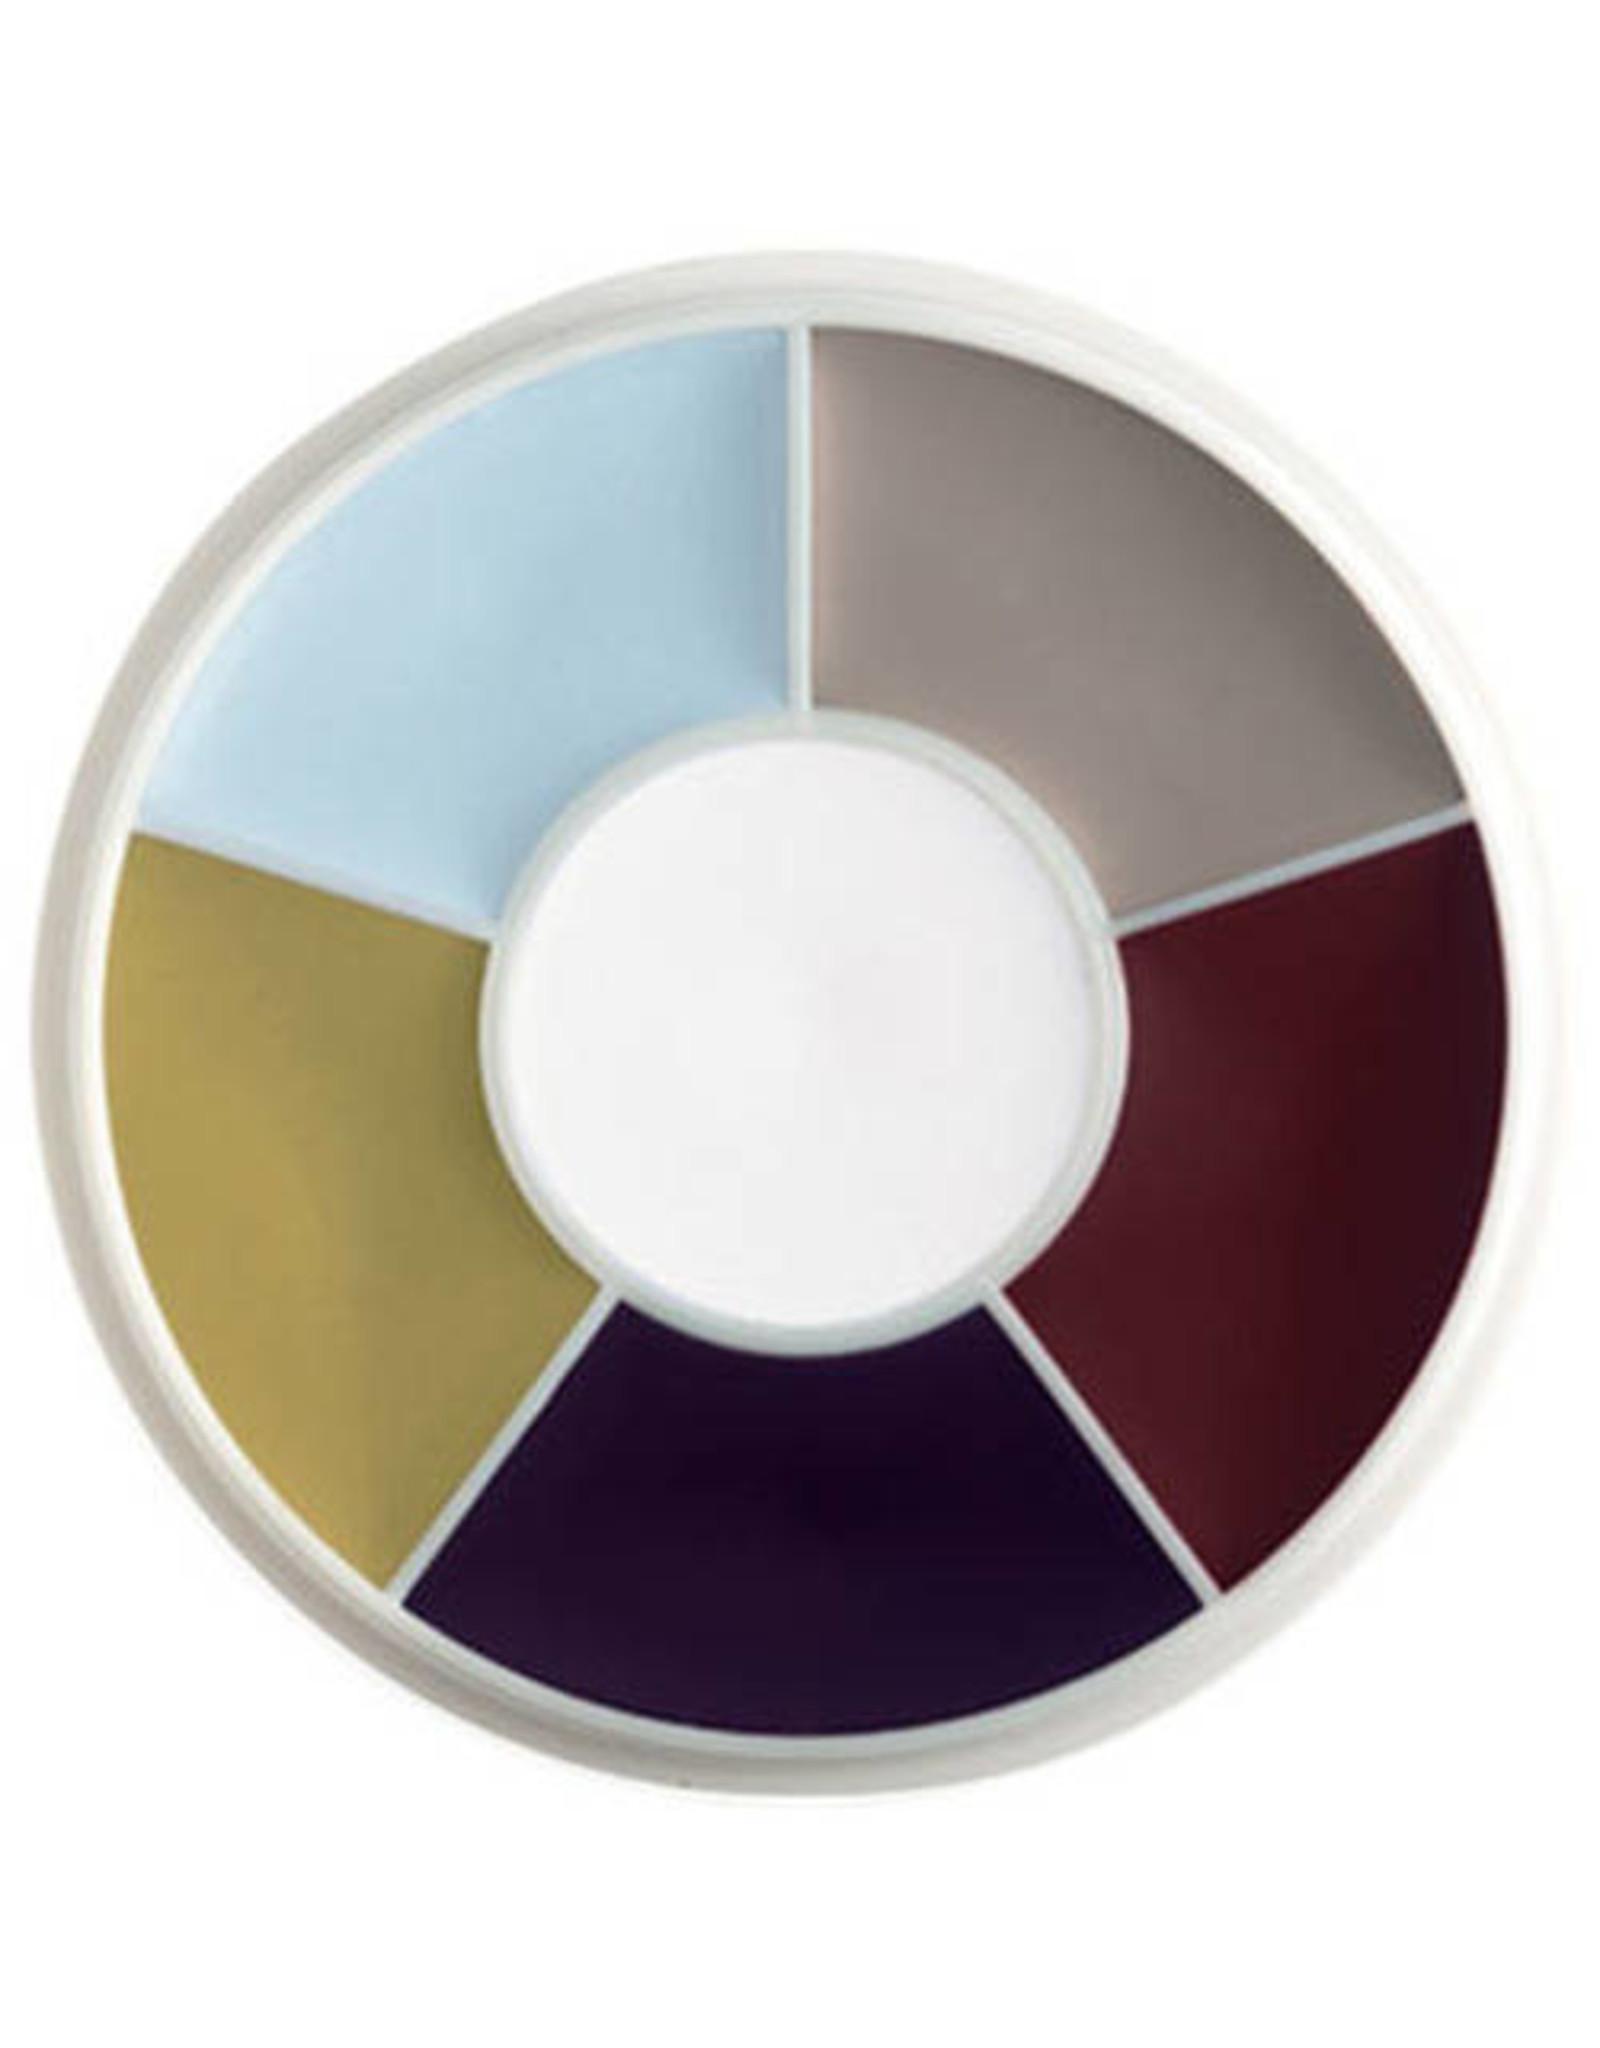 Ben Nye Color Wheel Monster